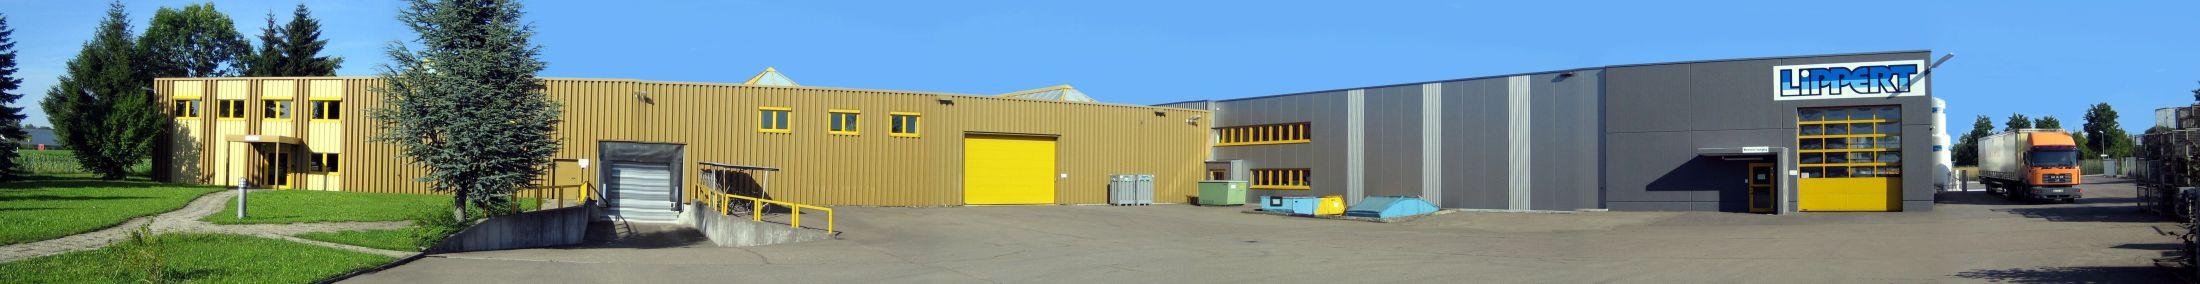 Firmenfoto Anton Lippert GmbH